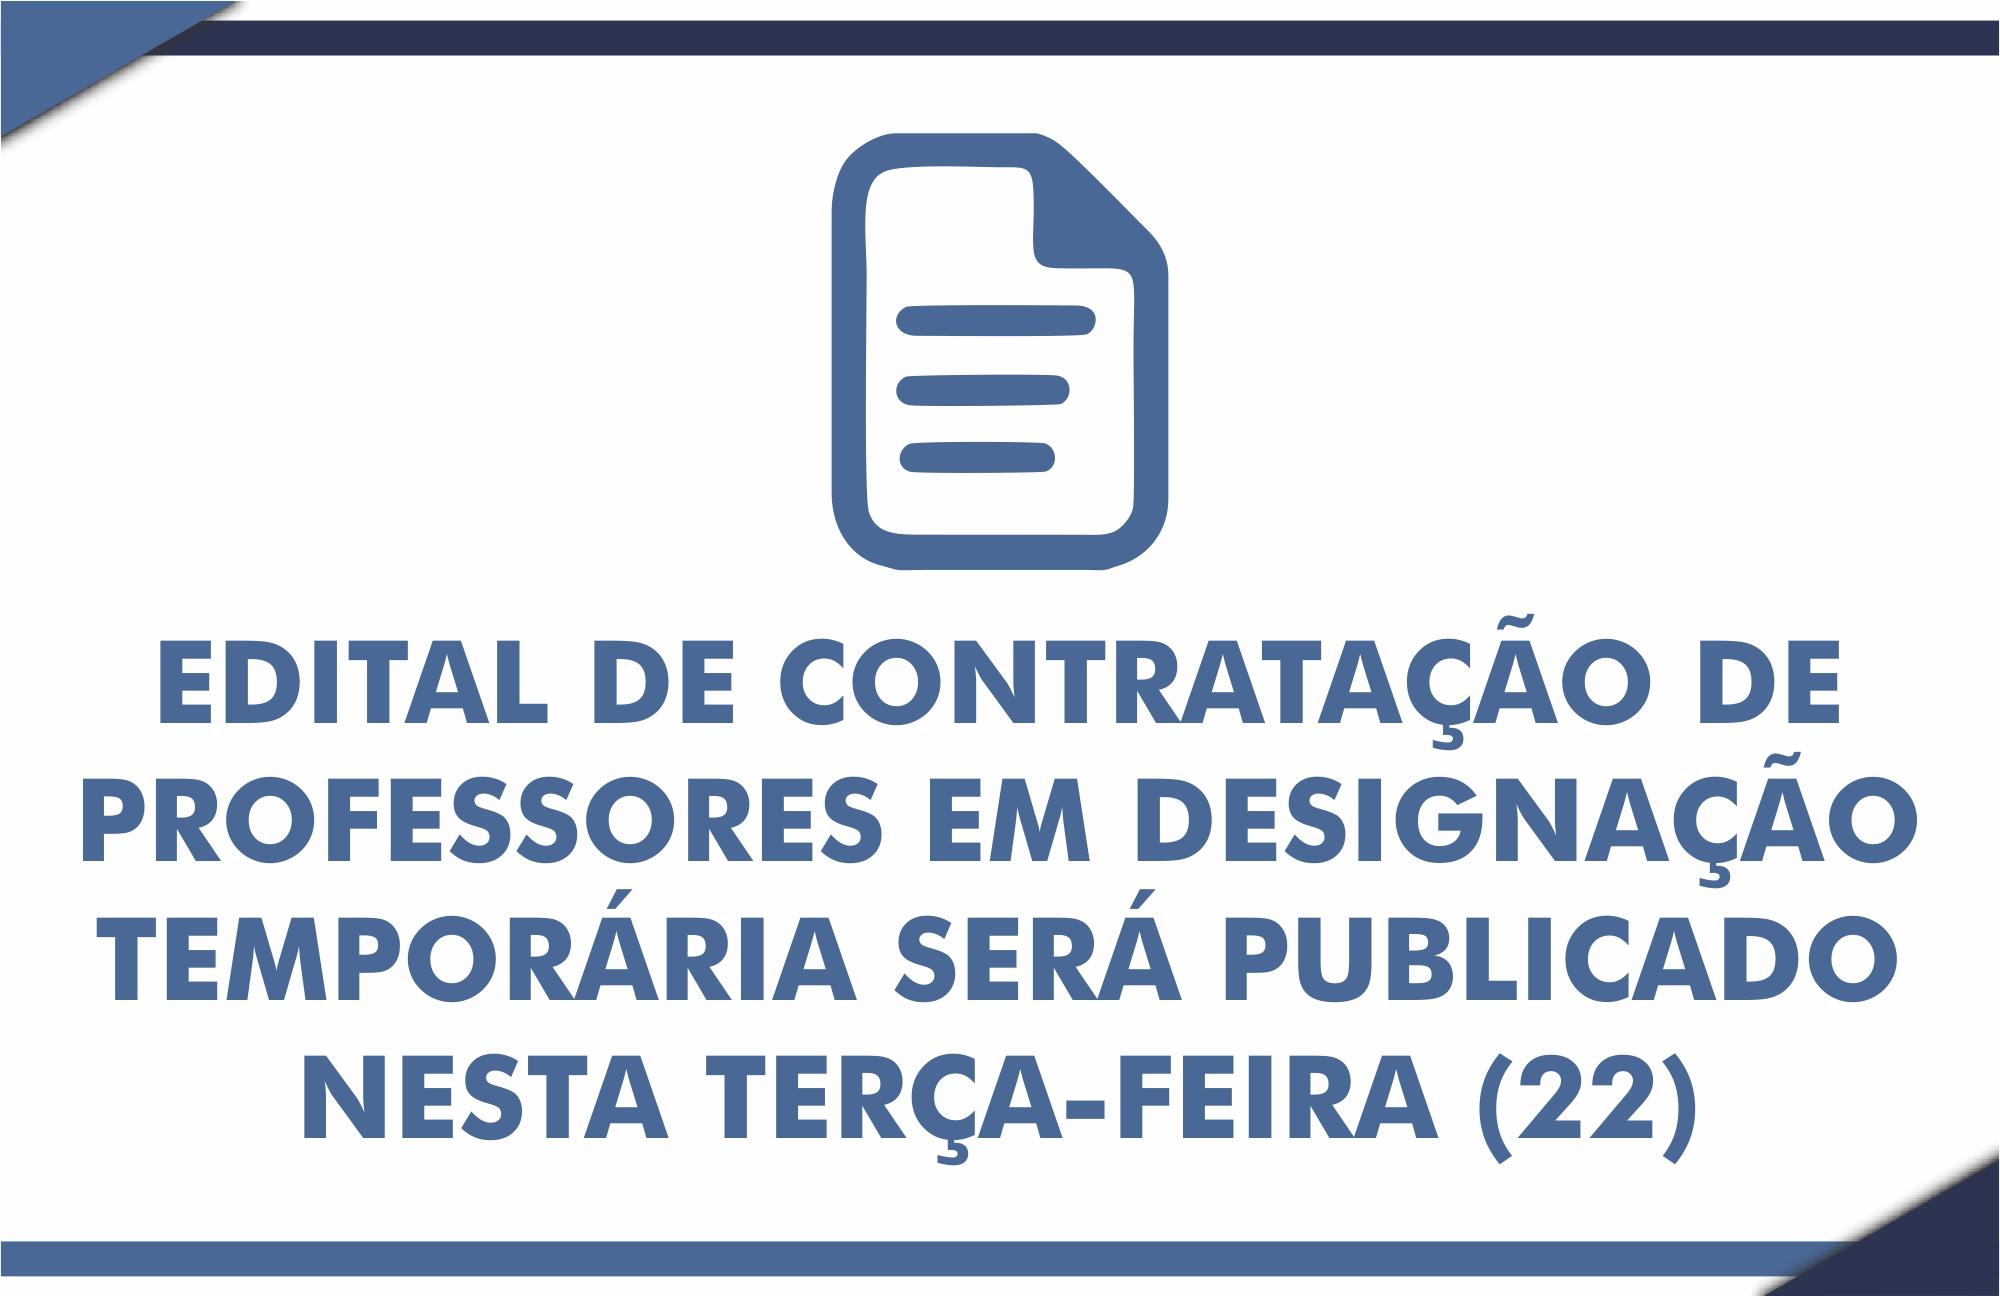 Edital de Contratação de Professores em Designação Temporária será publicado nesta terça-feira (22)